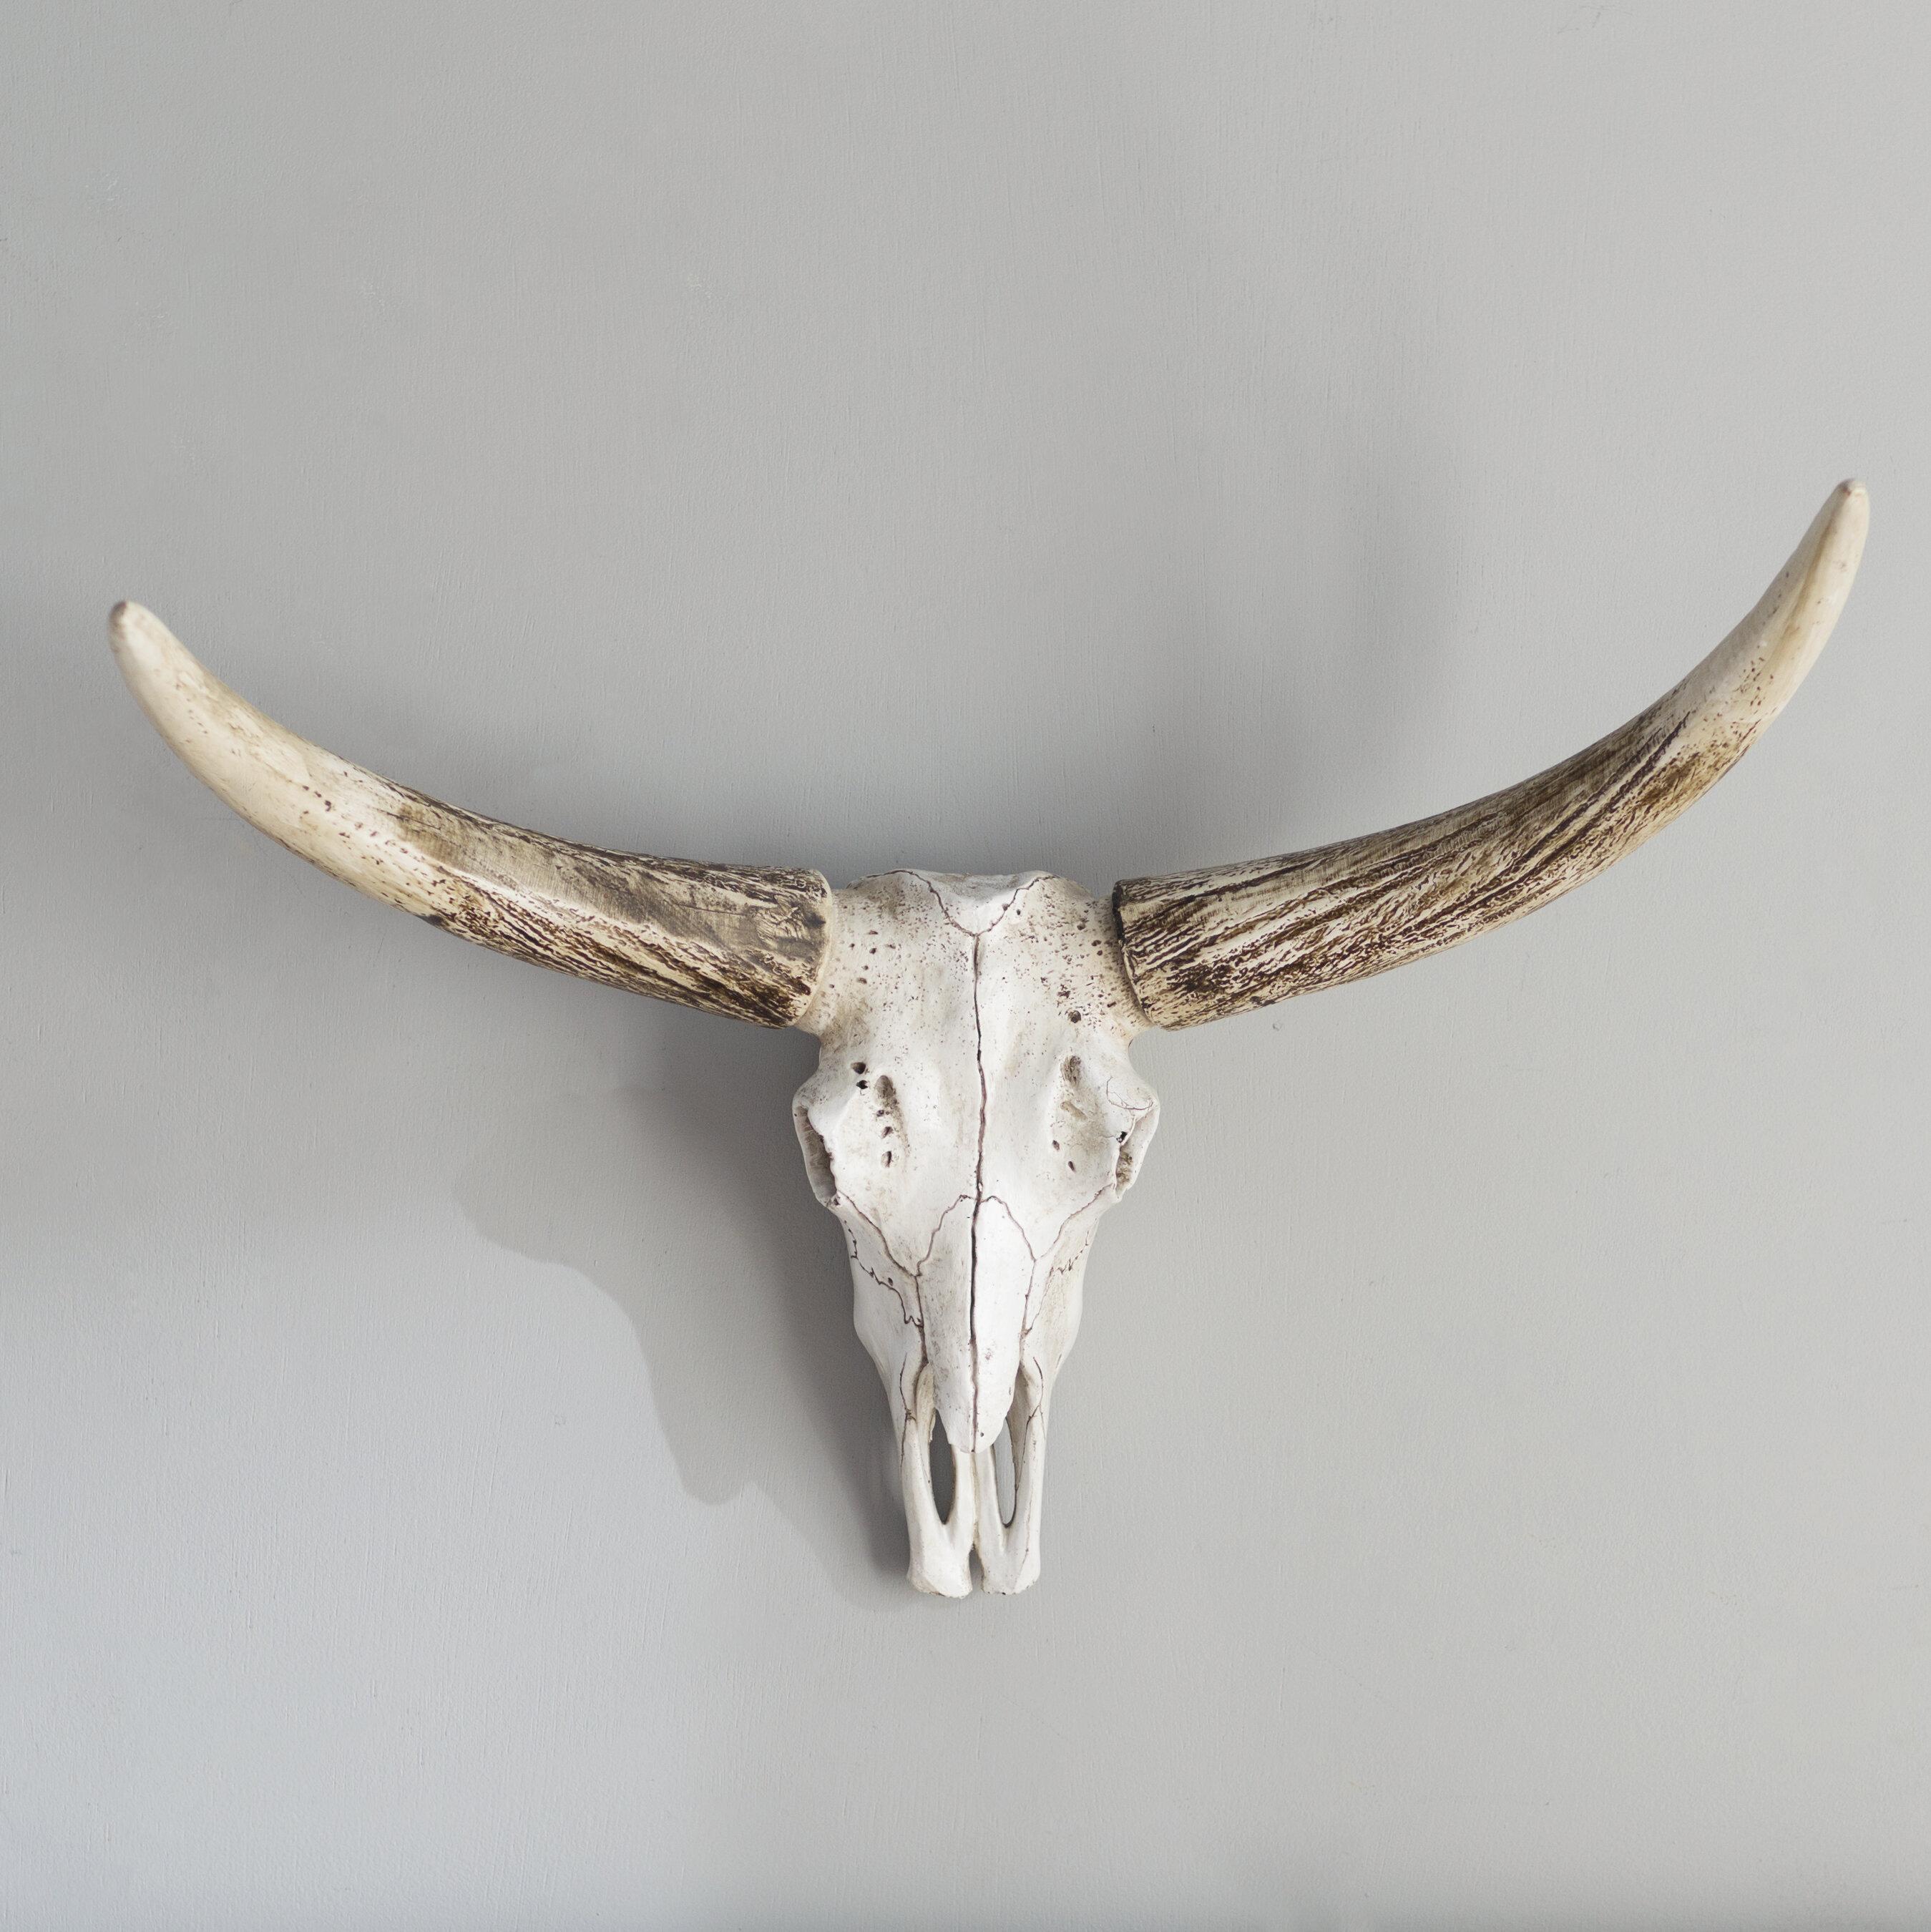 Resin Steer Skull Wall Décor